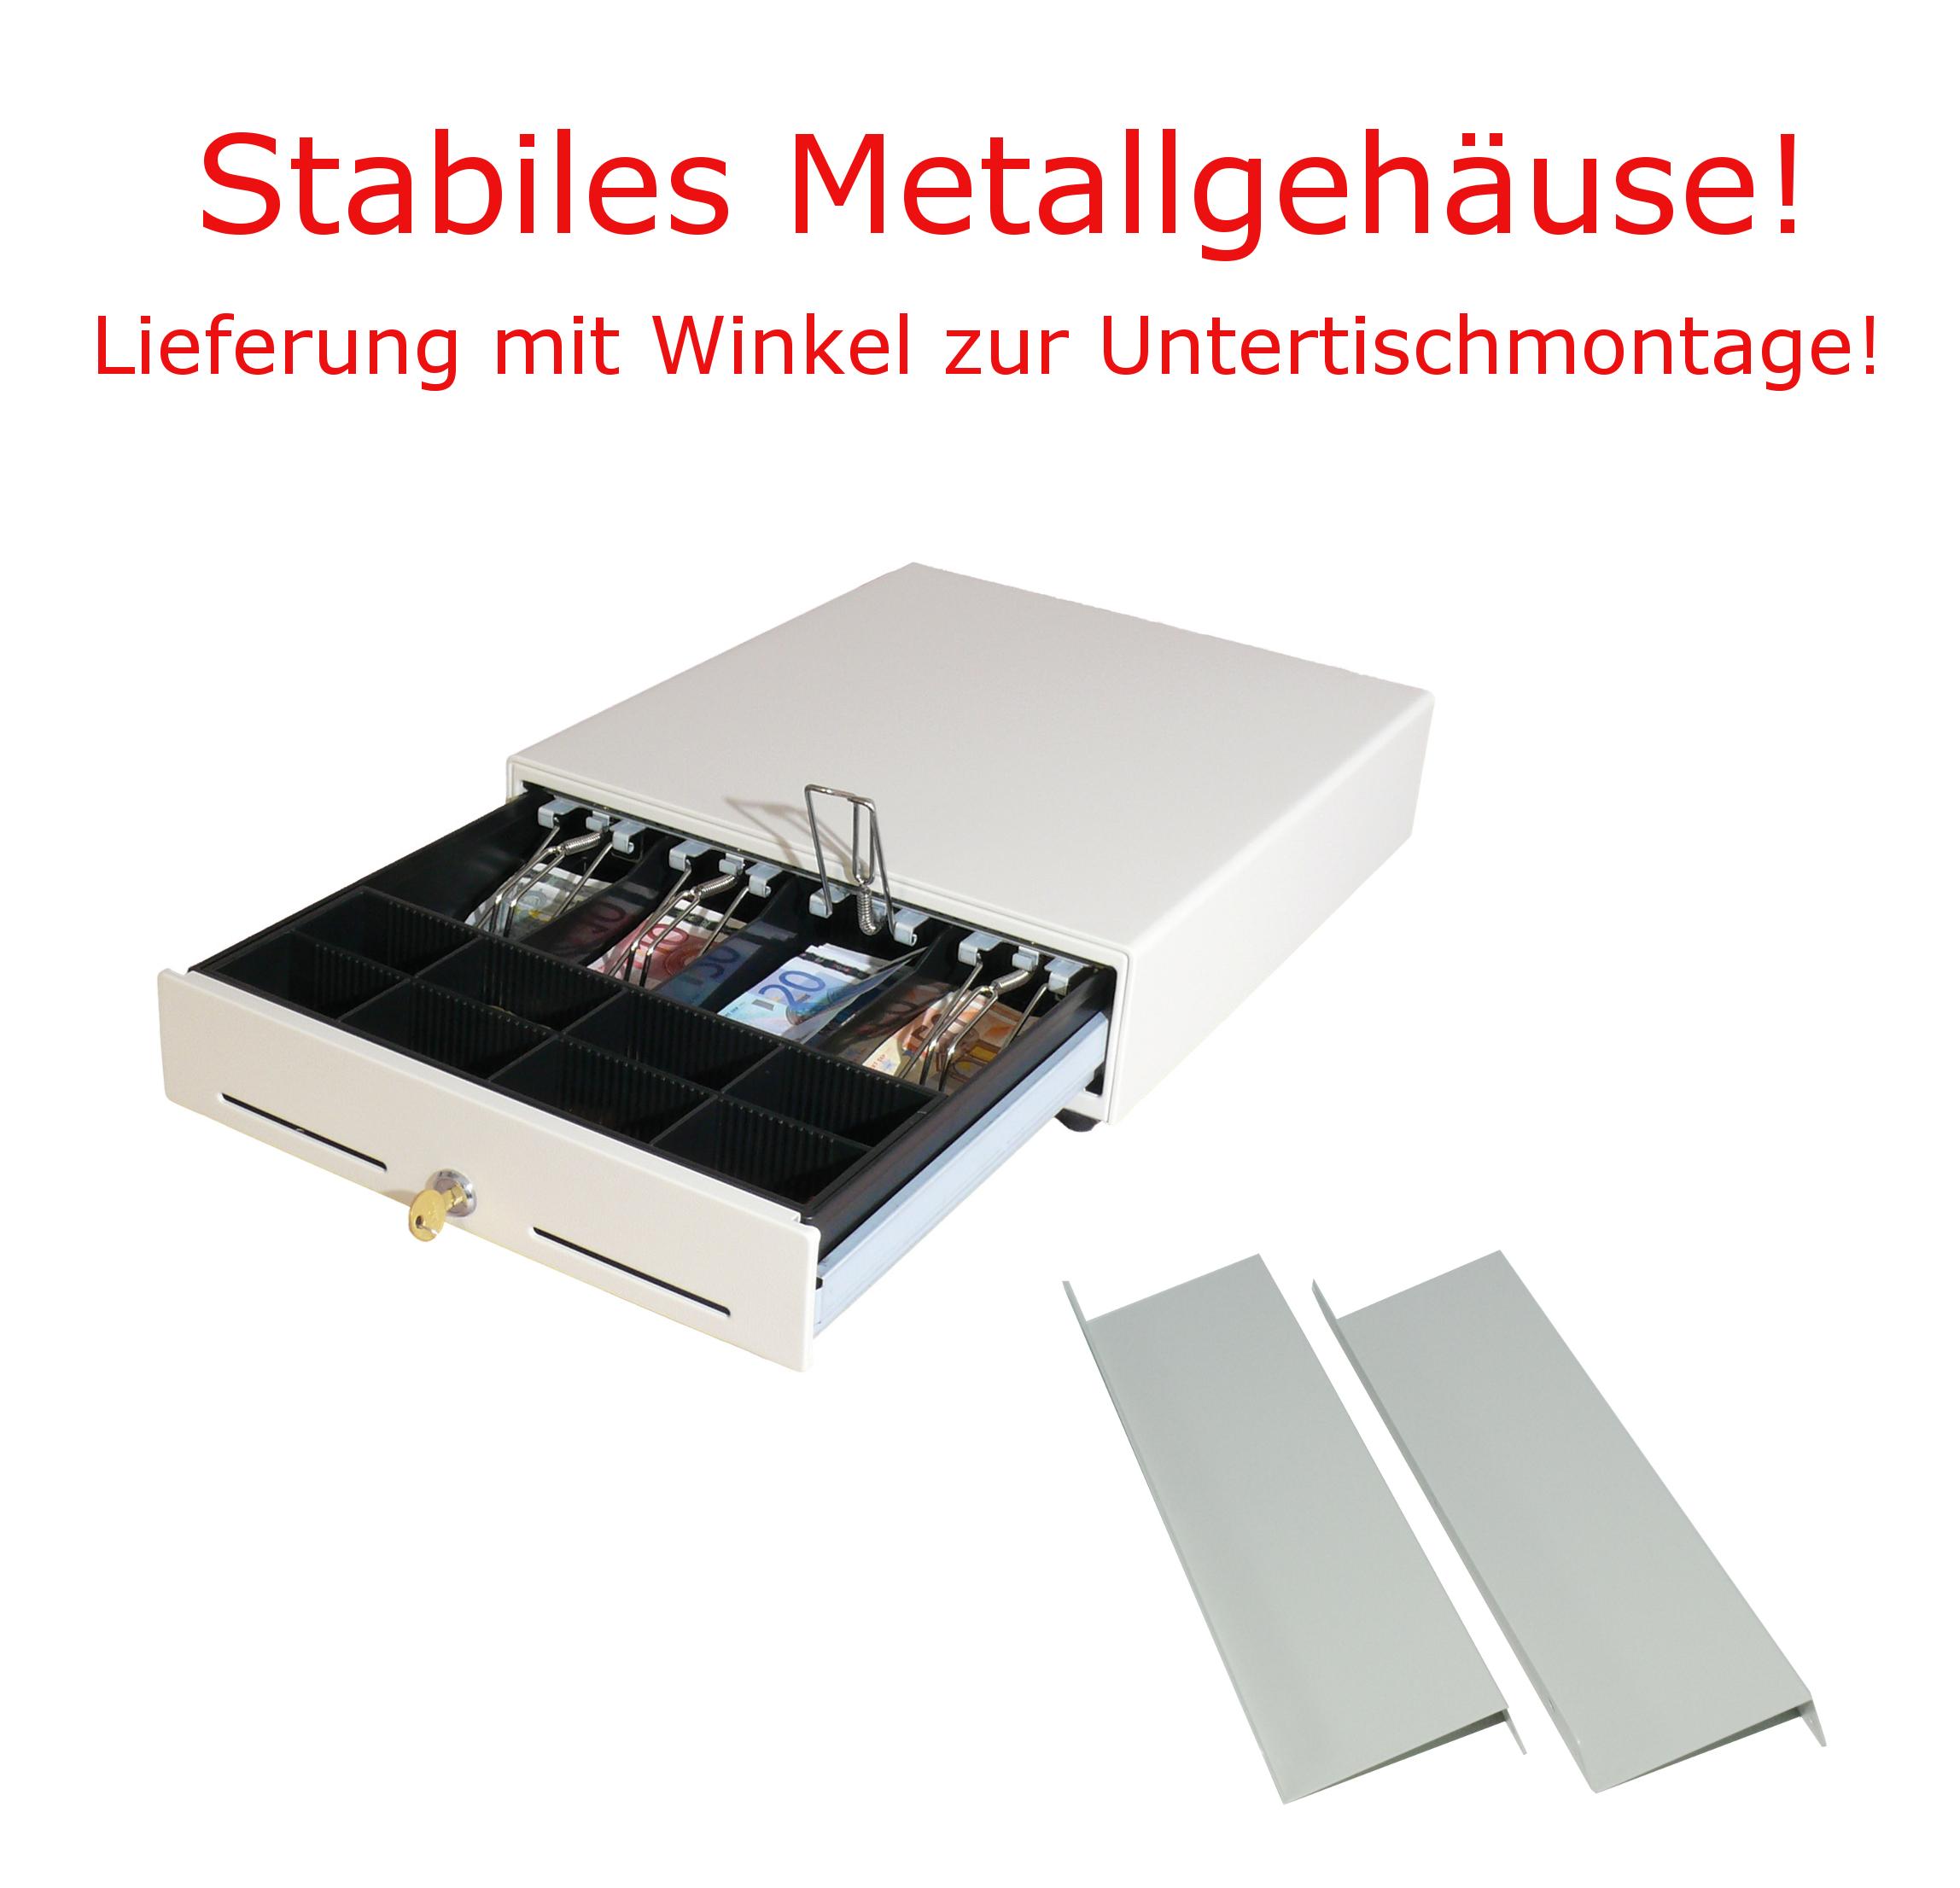 Kittmesser 20mm Fensterkitt Leinölkitt Glaserarbeiten Glaserkittspachtel NEU